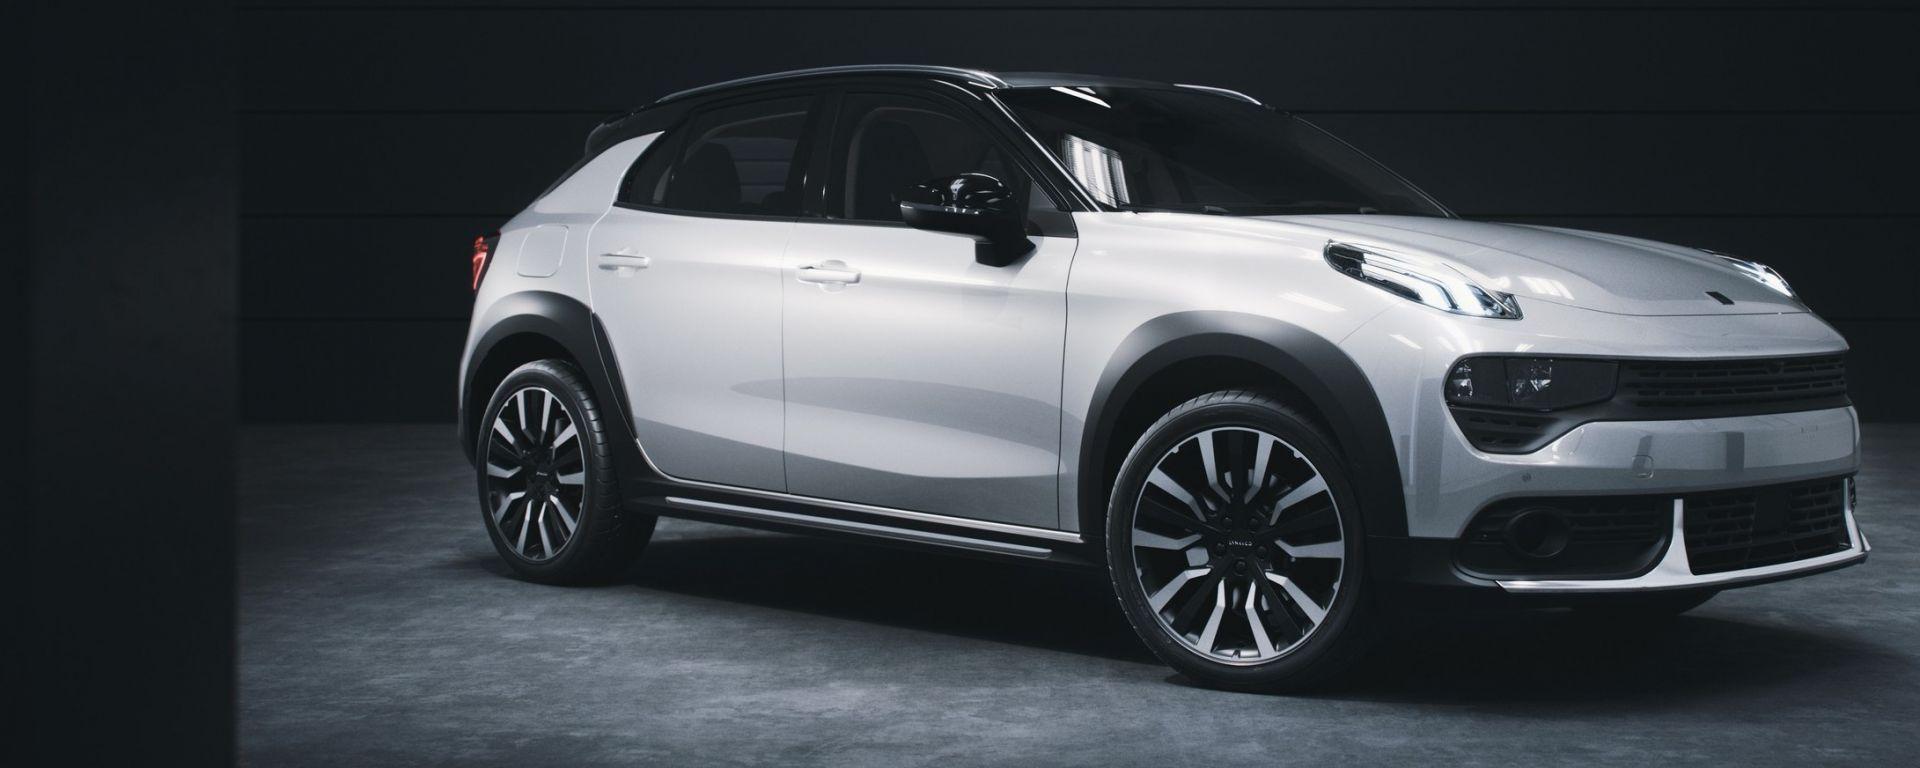 Lynk&Co 02, il SUV compatto cinese cugino della Volvo XC40